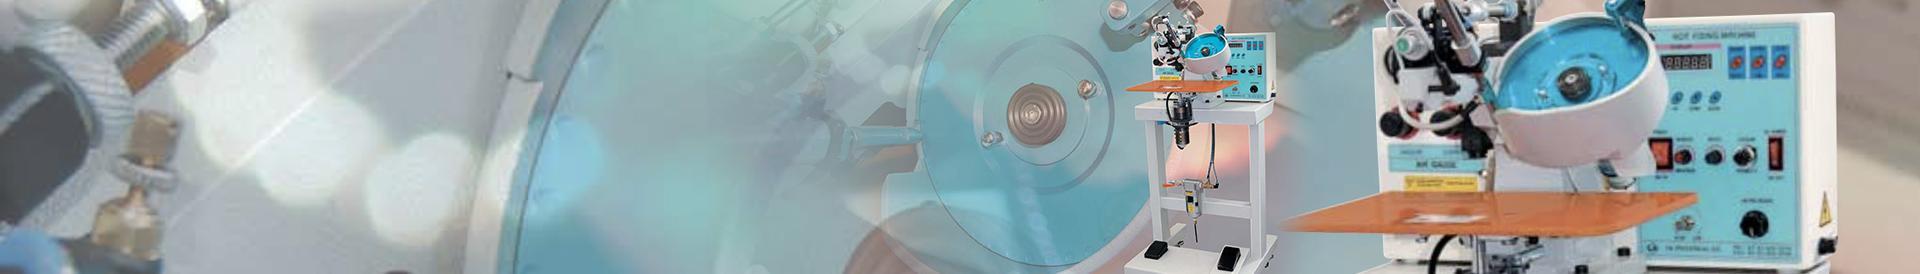 Niebieska maszyna